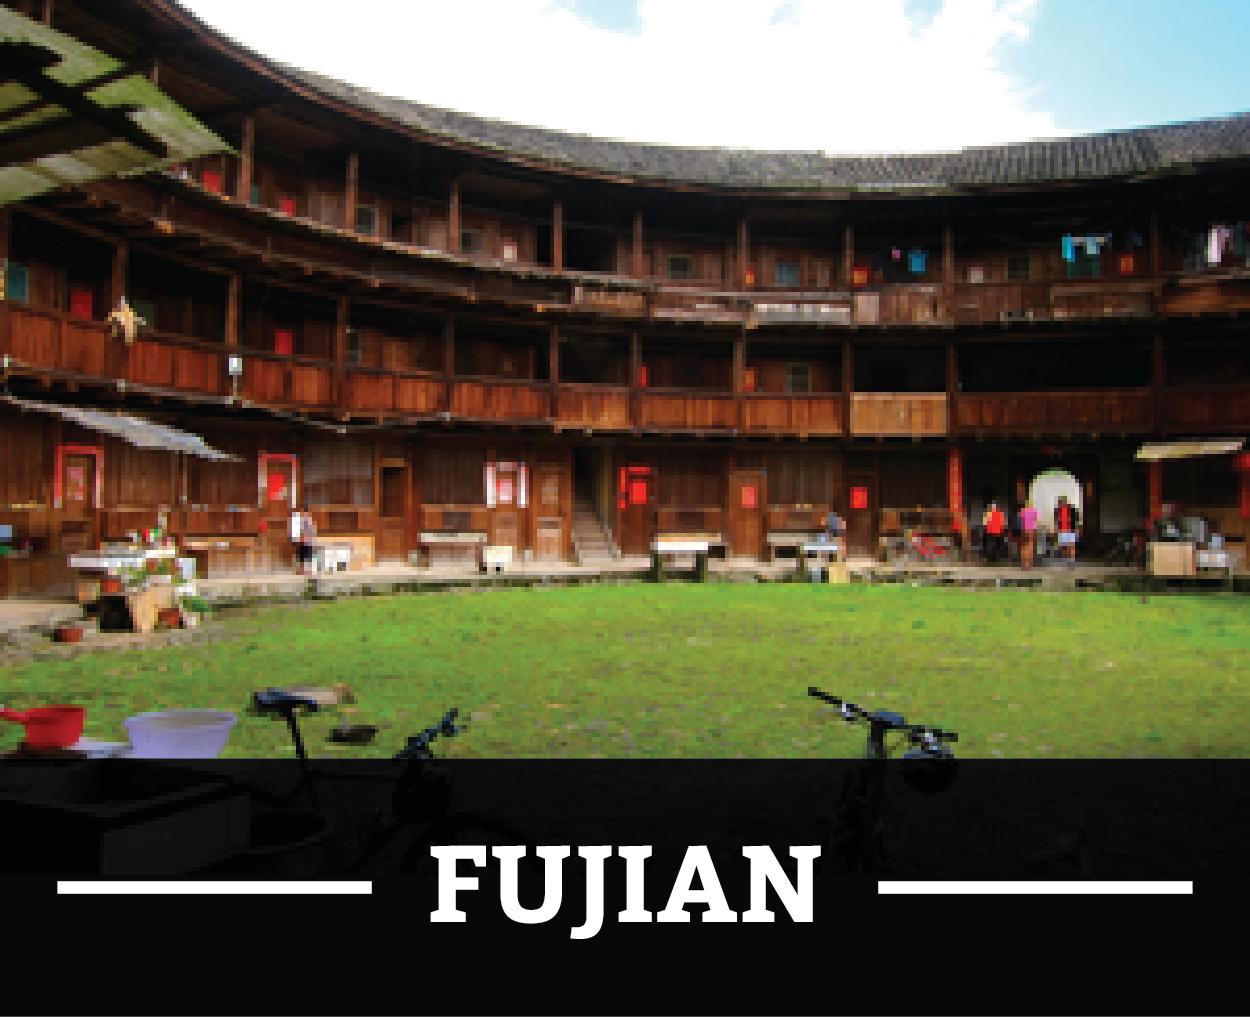 B4_fujian